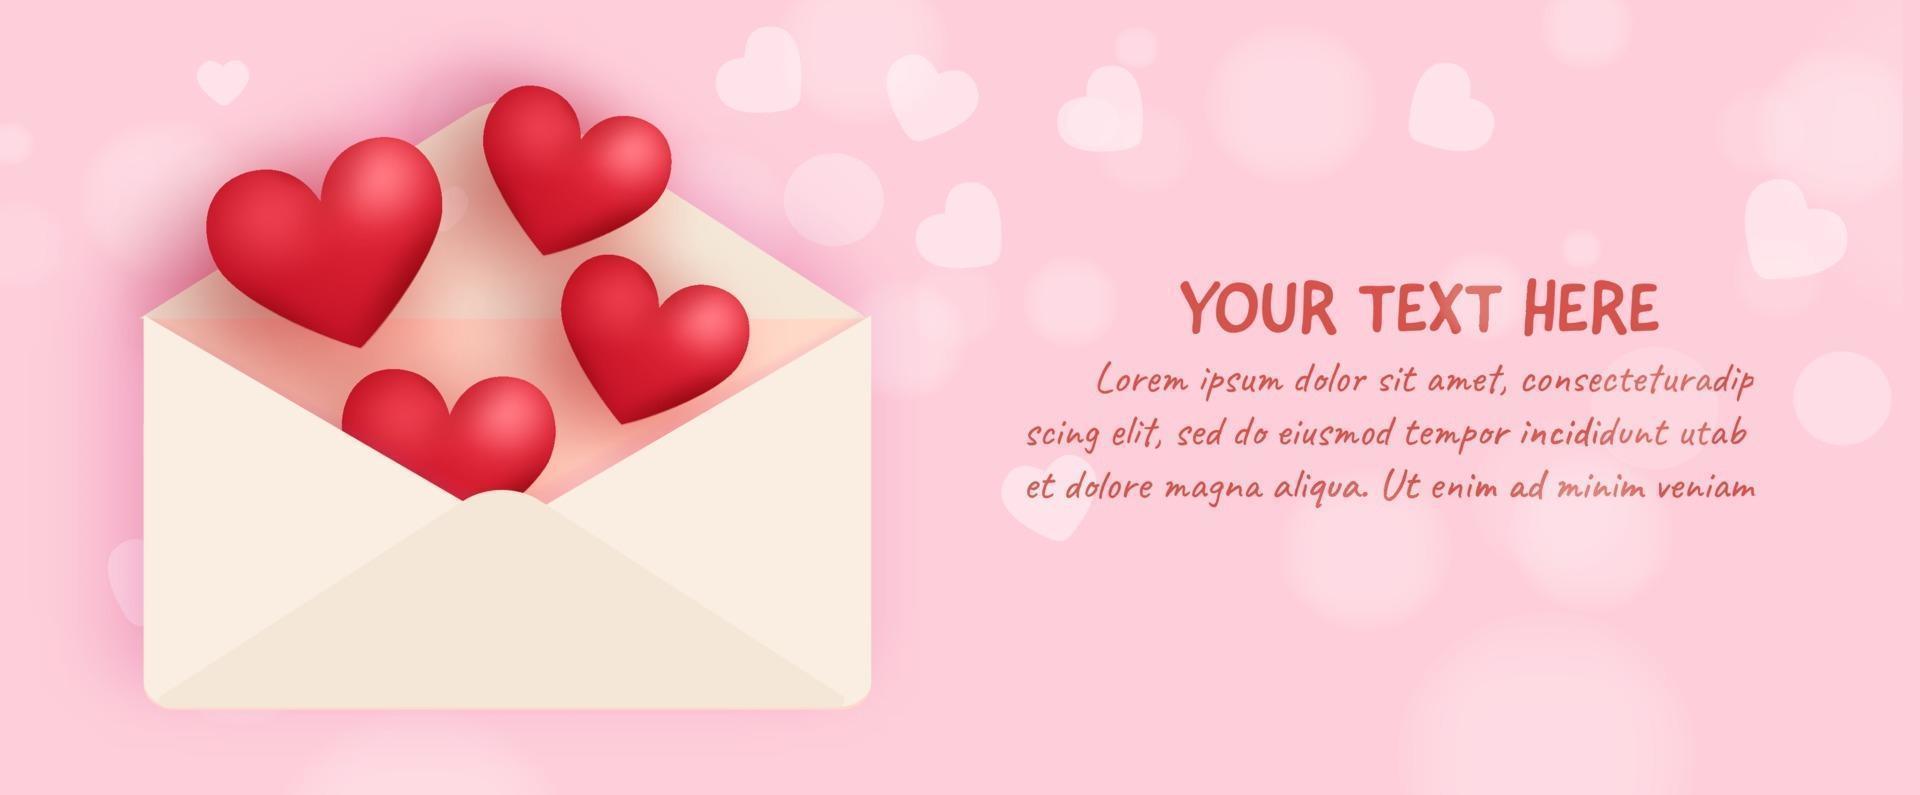 Valentijnsdag banner met hartjes en letter. vector